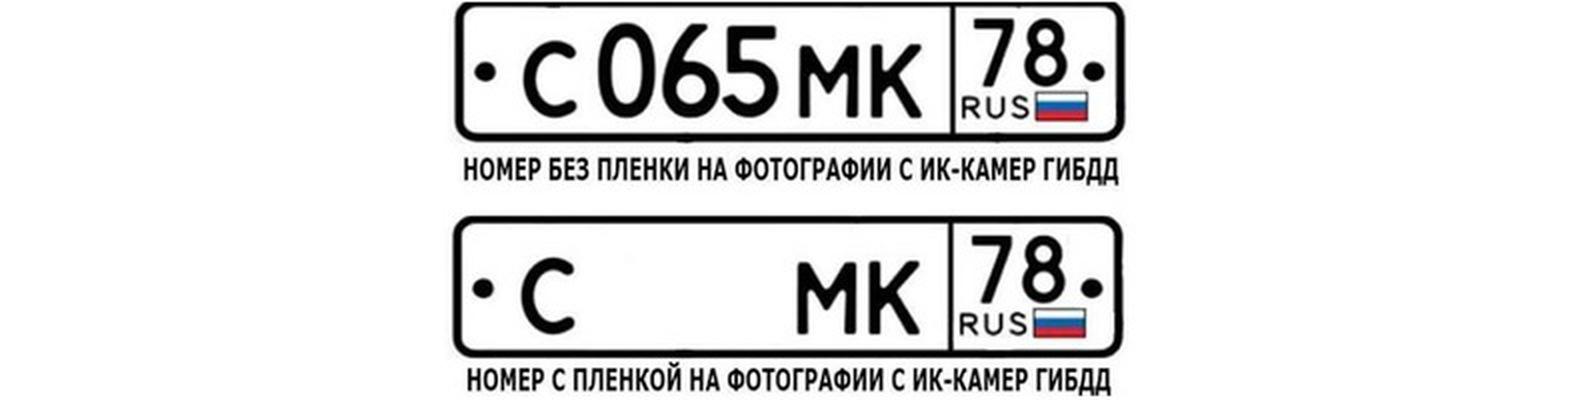 Нанопленка на номера в Усть-Каменогорске